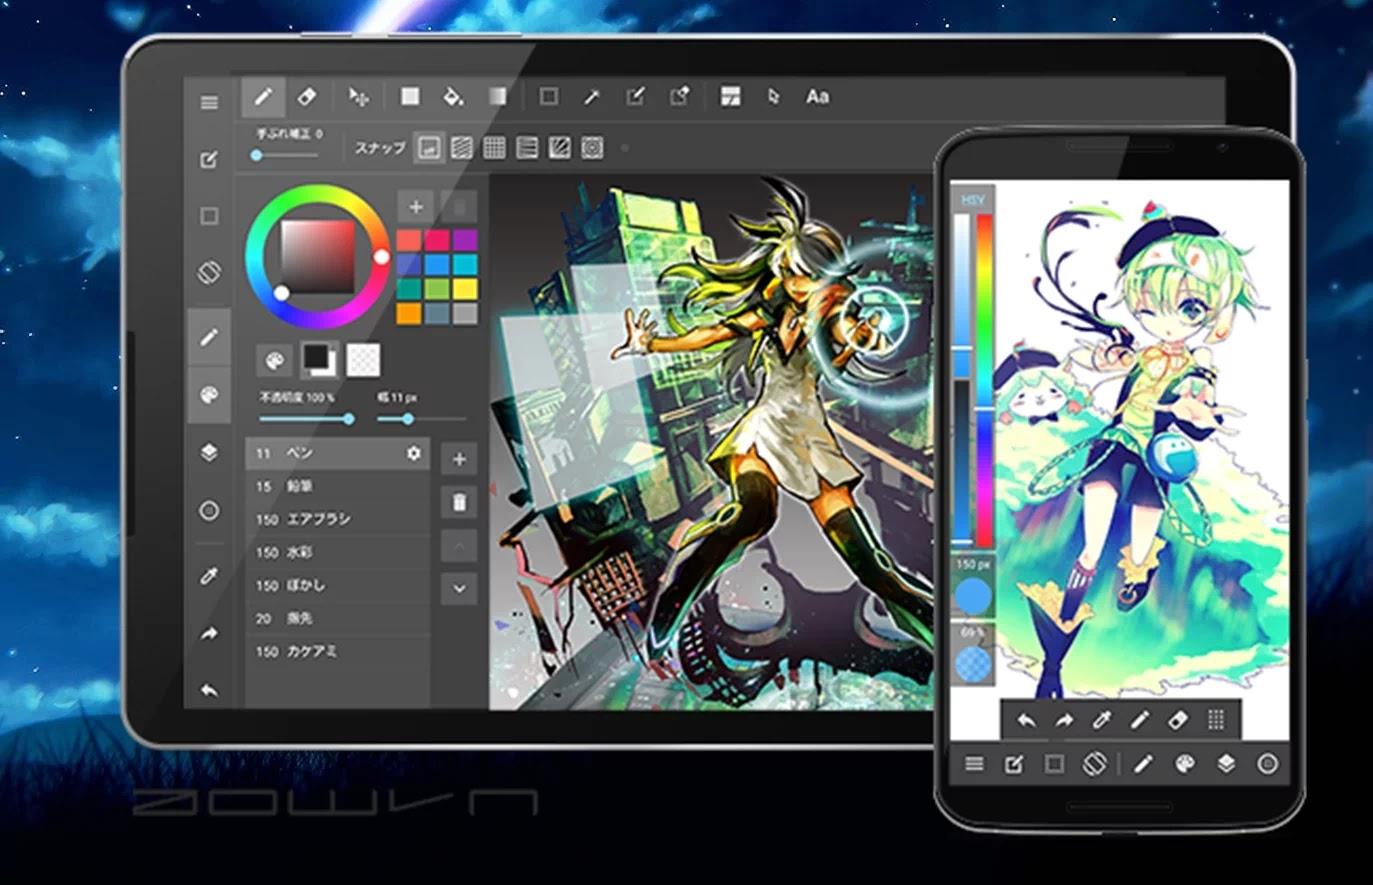 AowVN medibang%2B%25288%2529 - [ HOT ] MediBang Paint - Vẽ manga , anime mọi lúc mọi nơi trên Android , IOS và PC | Tiếng Việt